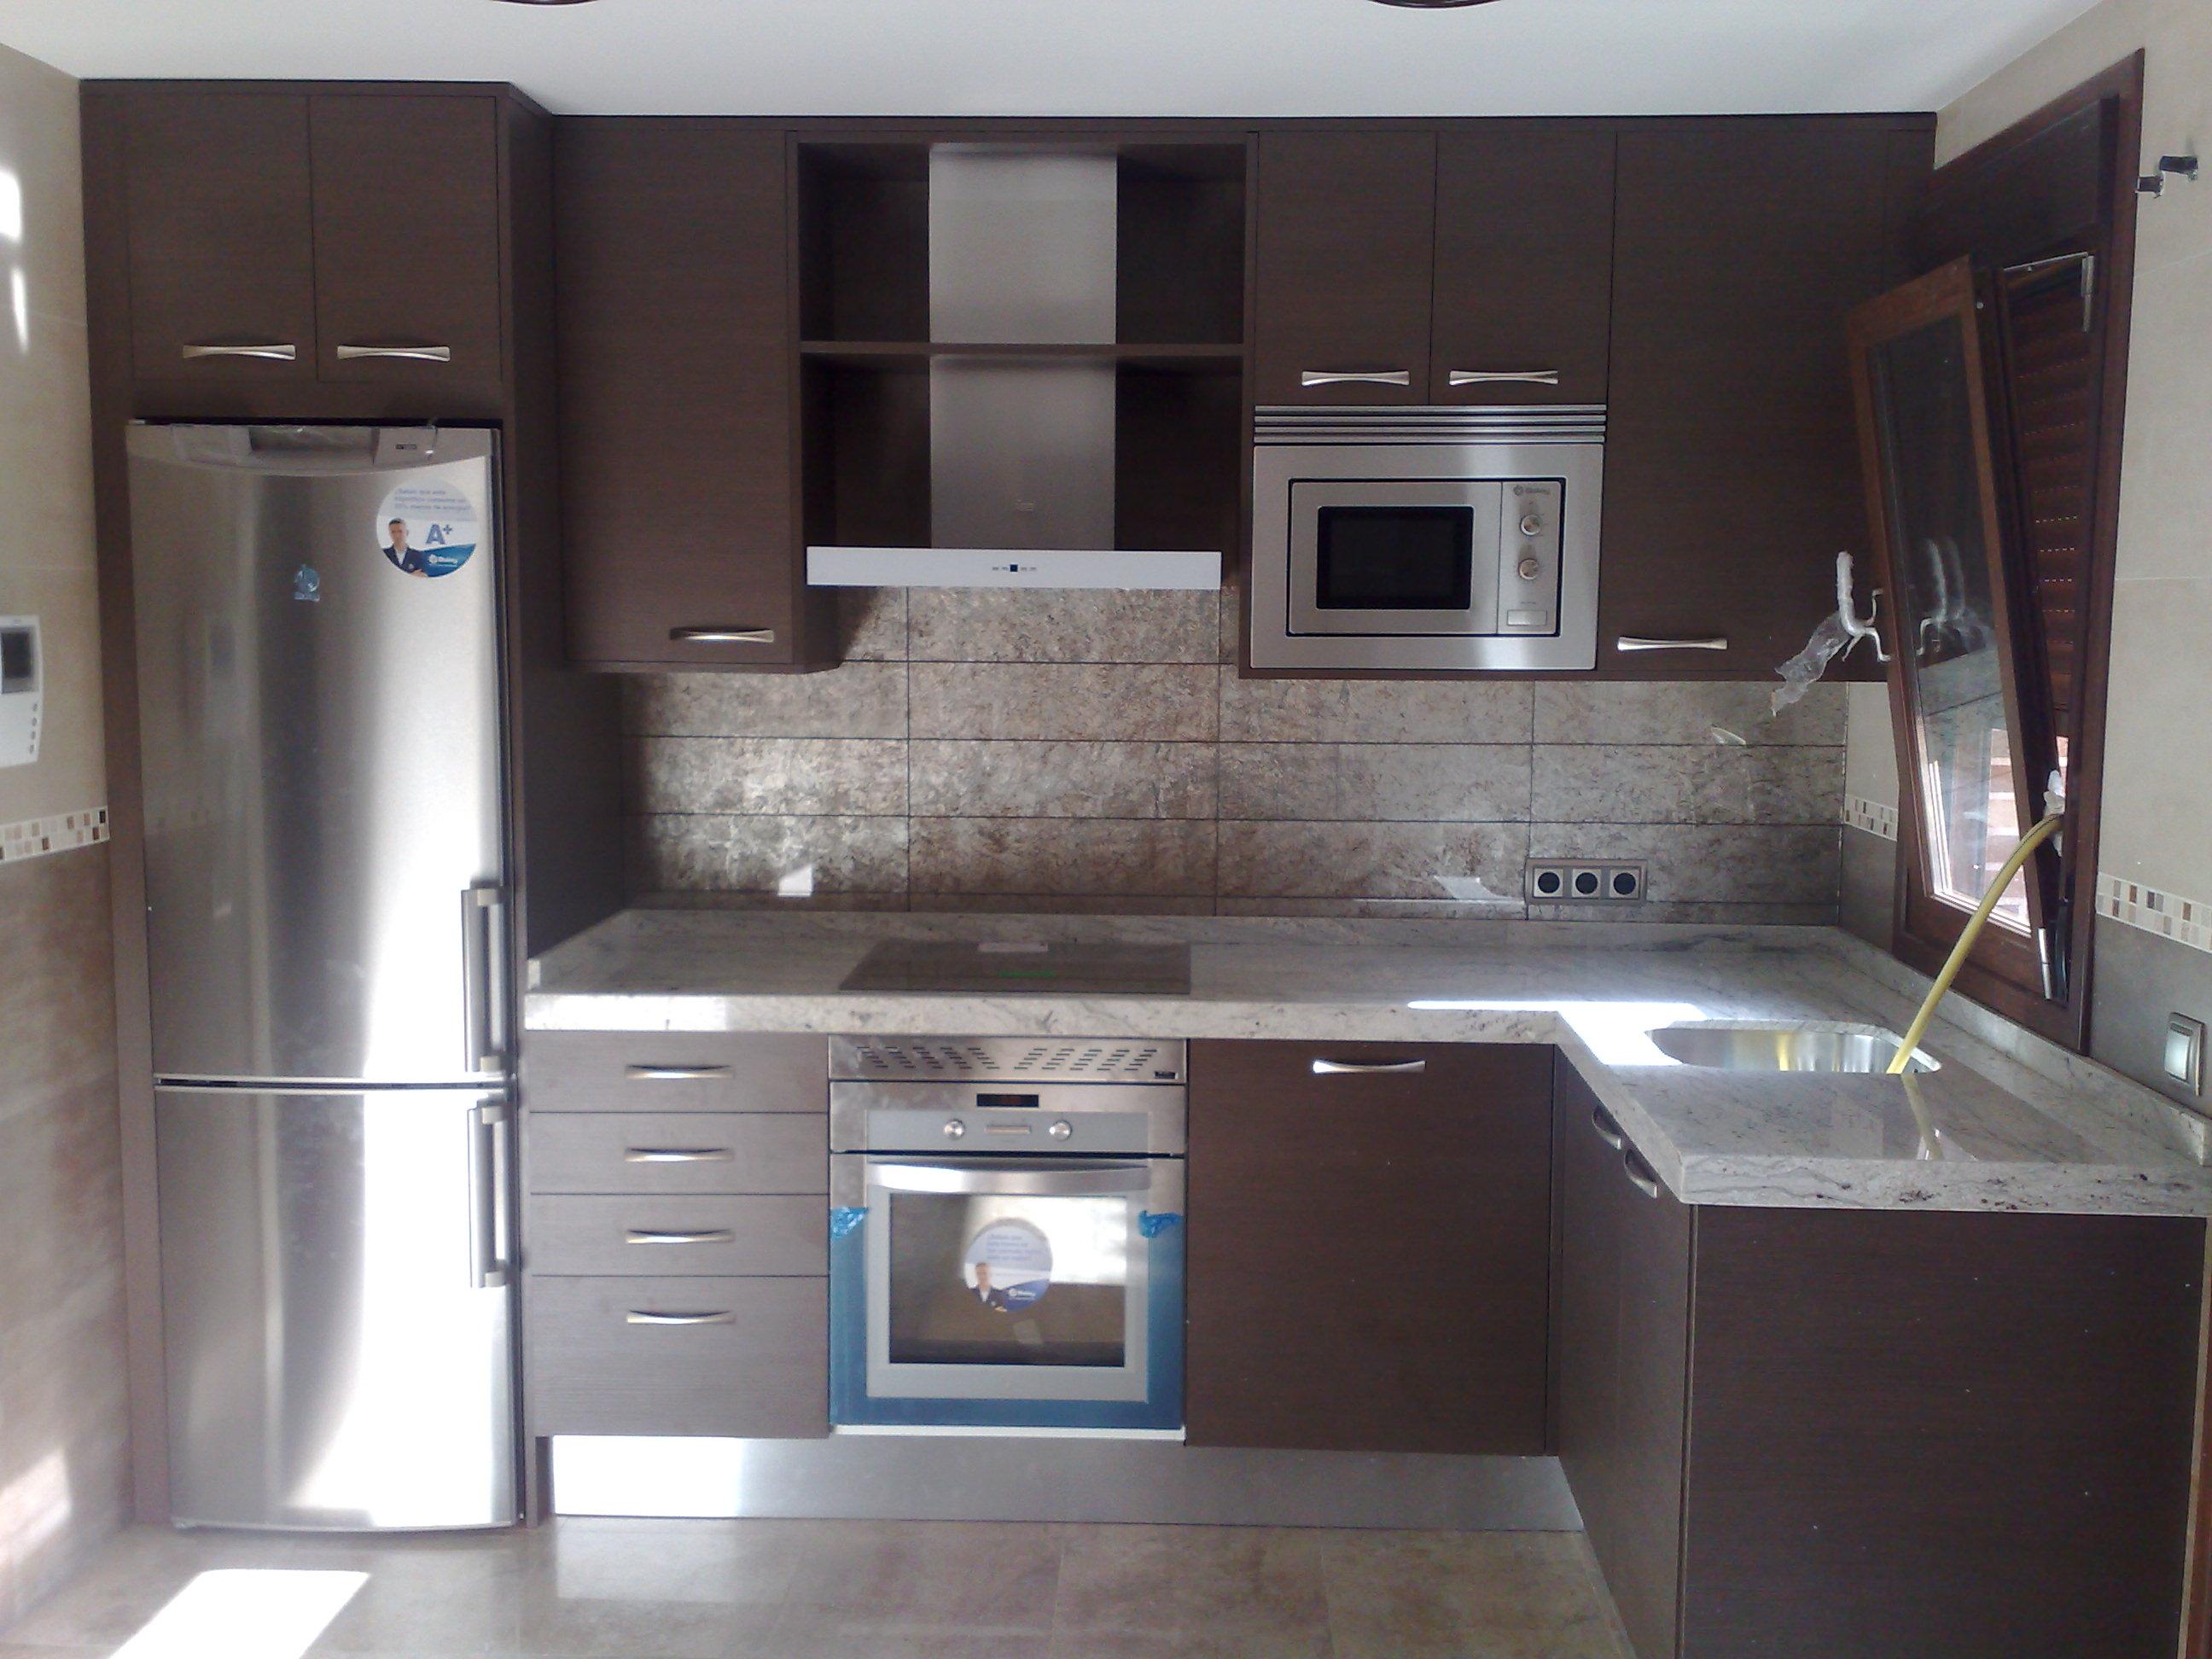 Muebles valdecocina muebles de cocina for Frentes de muebles de cocina